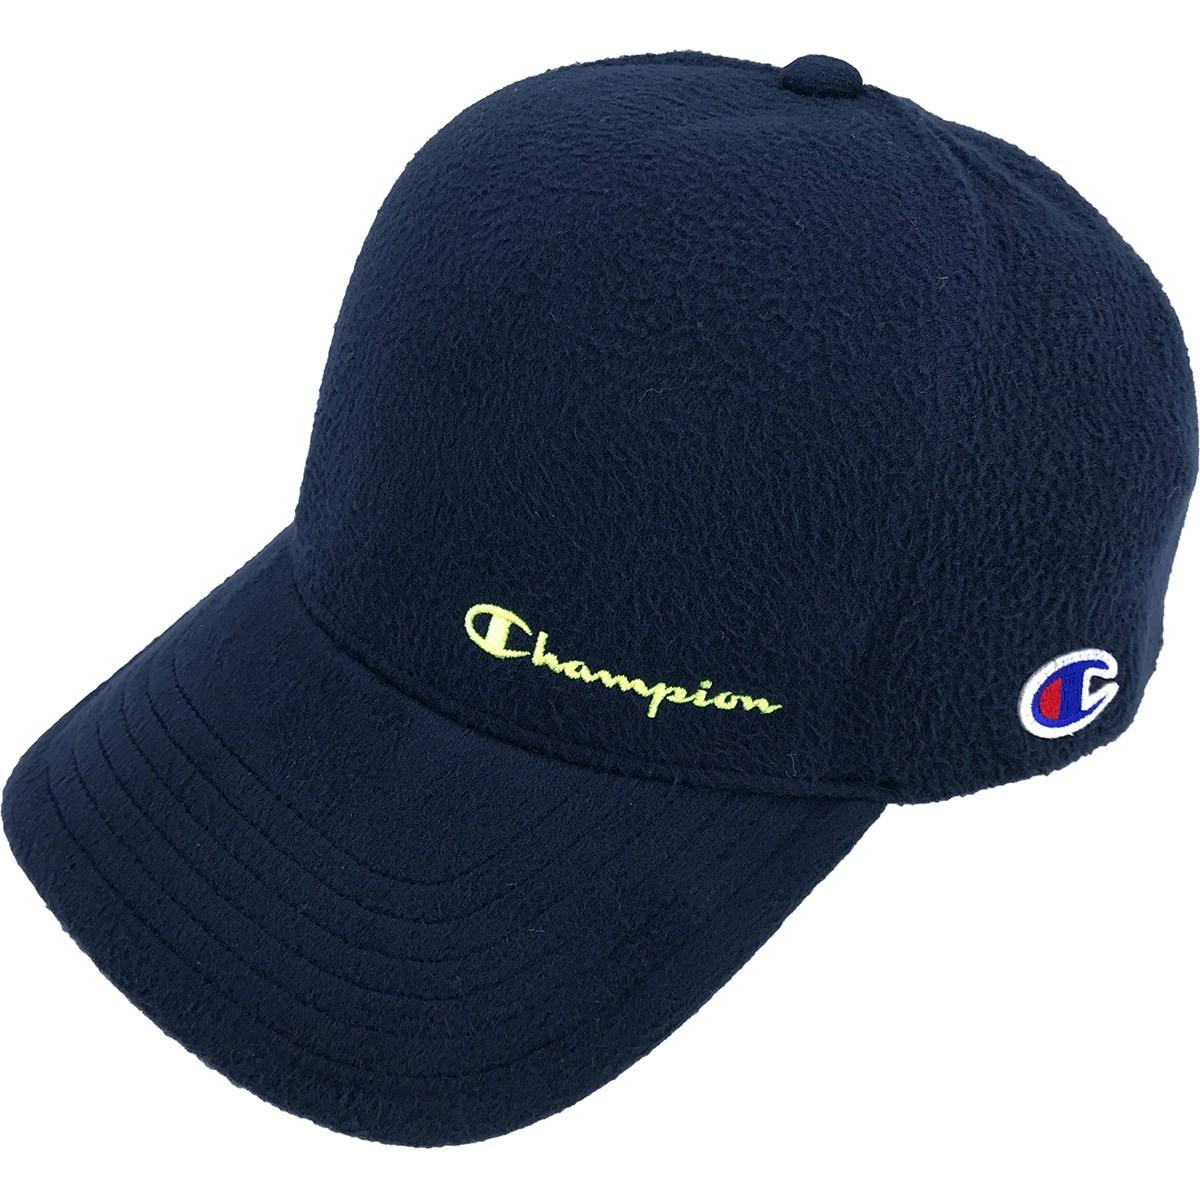 チャンピオンゴルフ Champion GOLF フリースキャップ フリー ネイビー 370 レディス